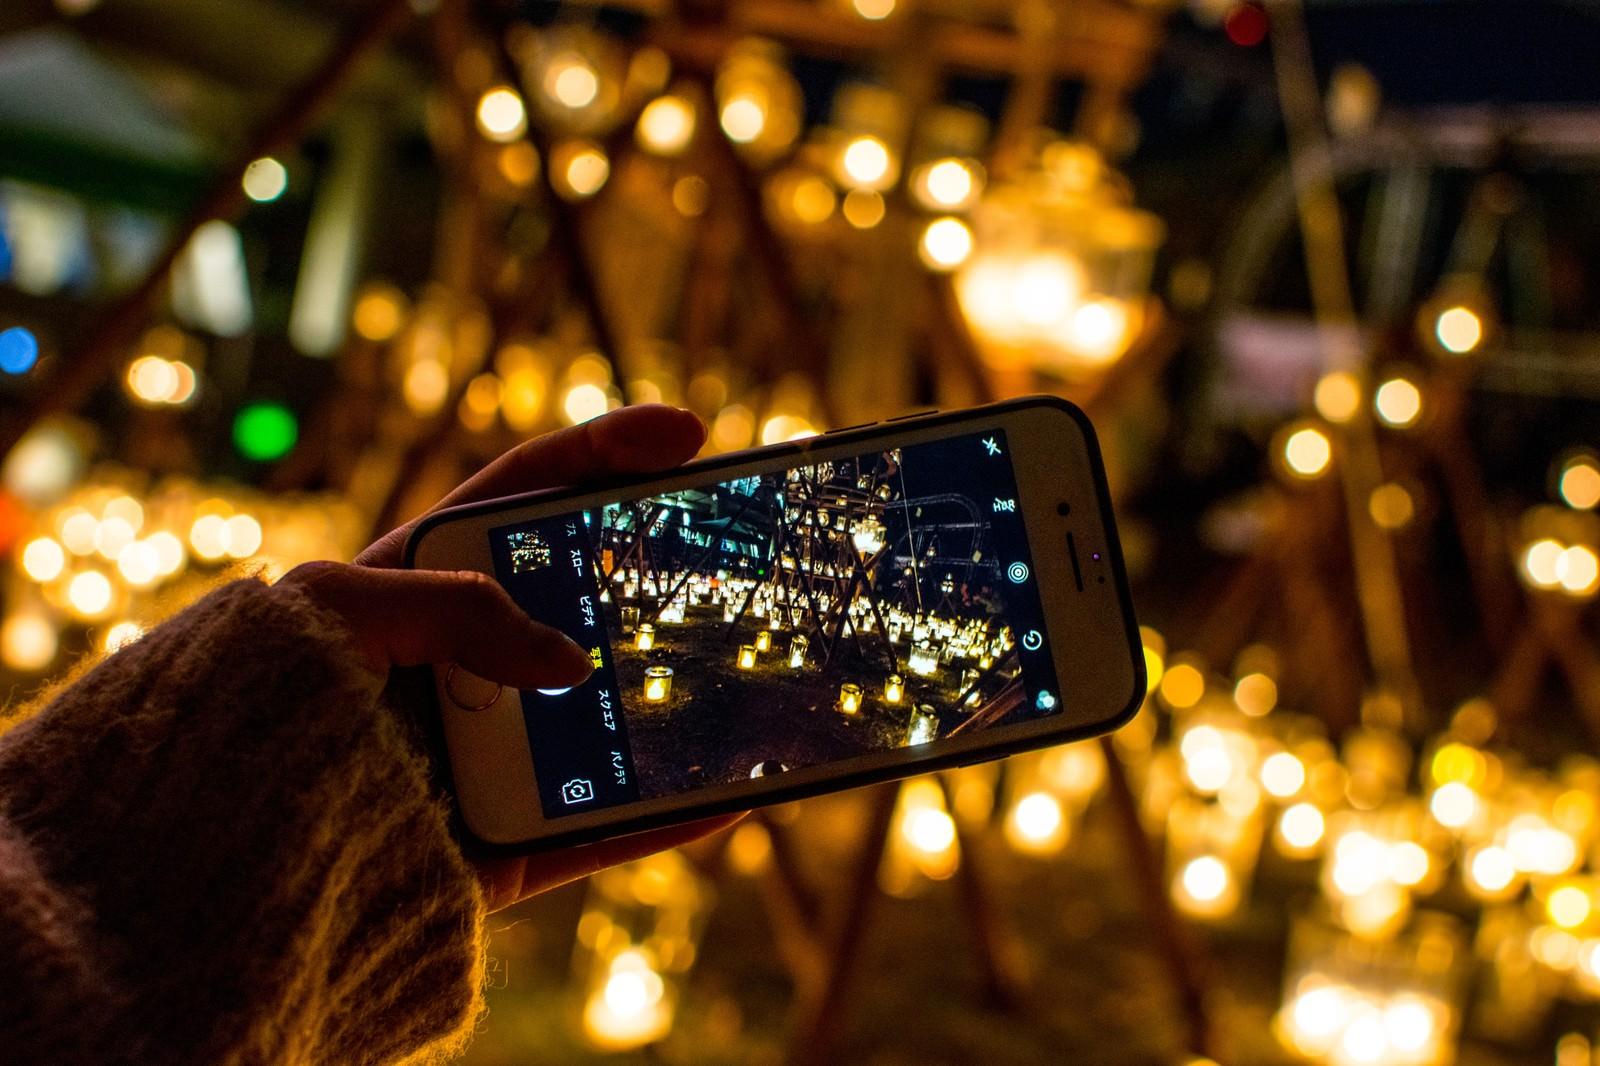 「ライトアップをスマホで撮影」の写真